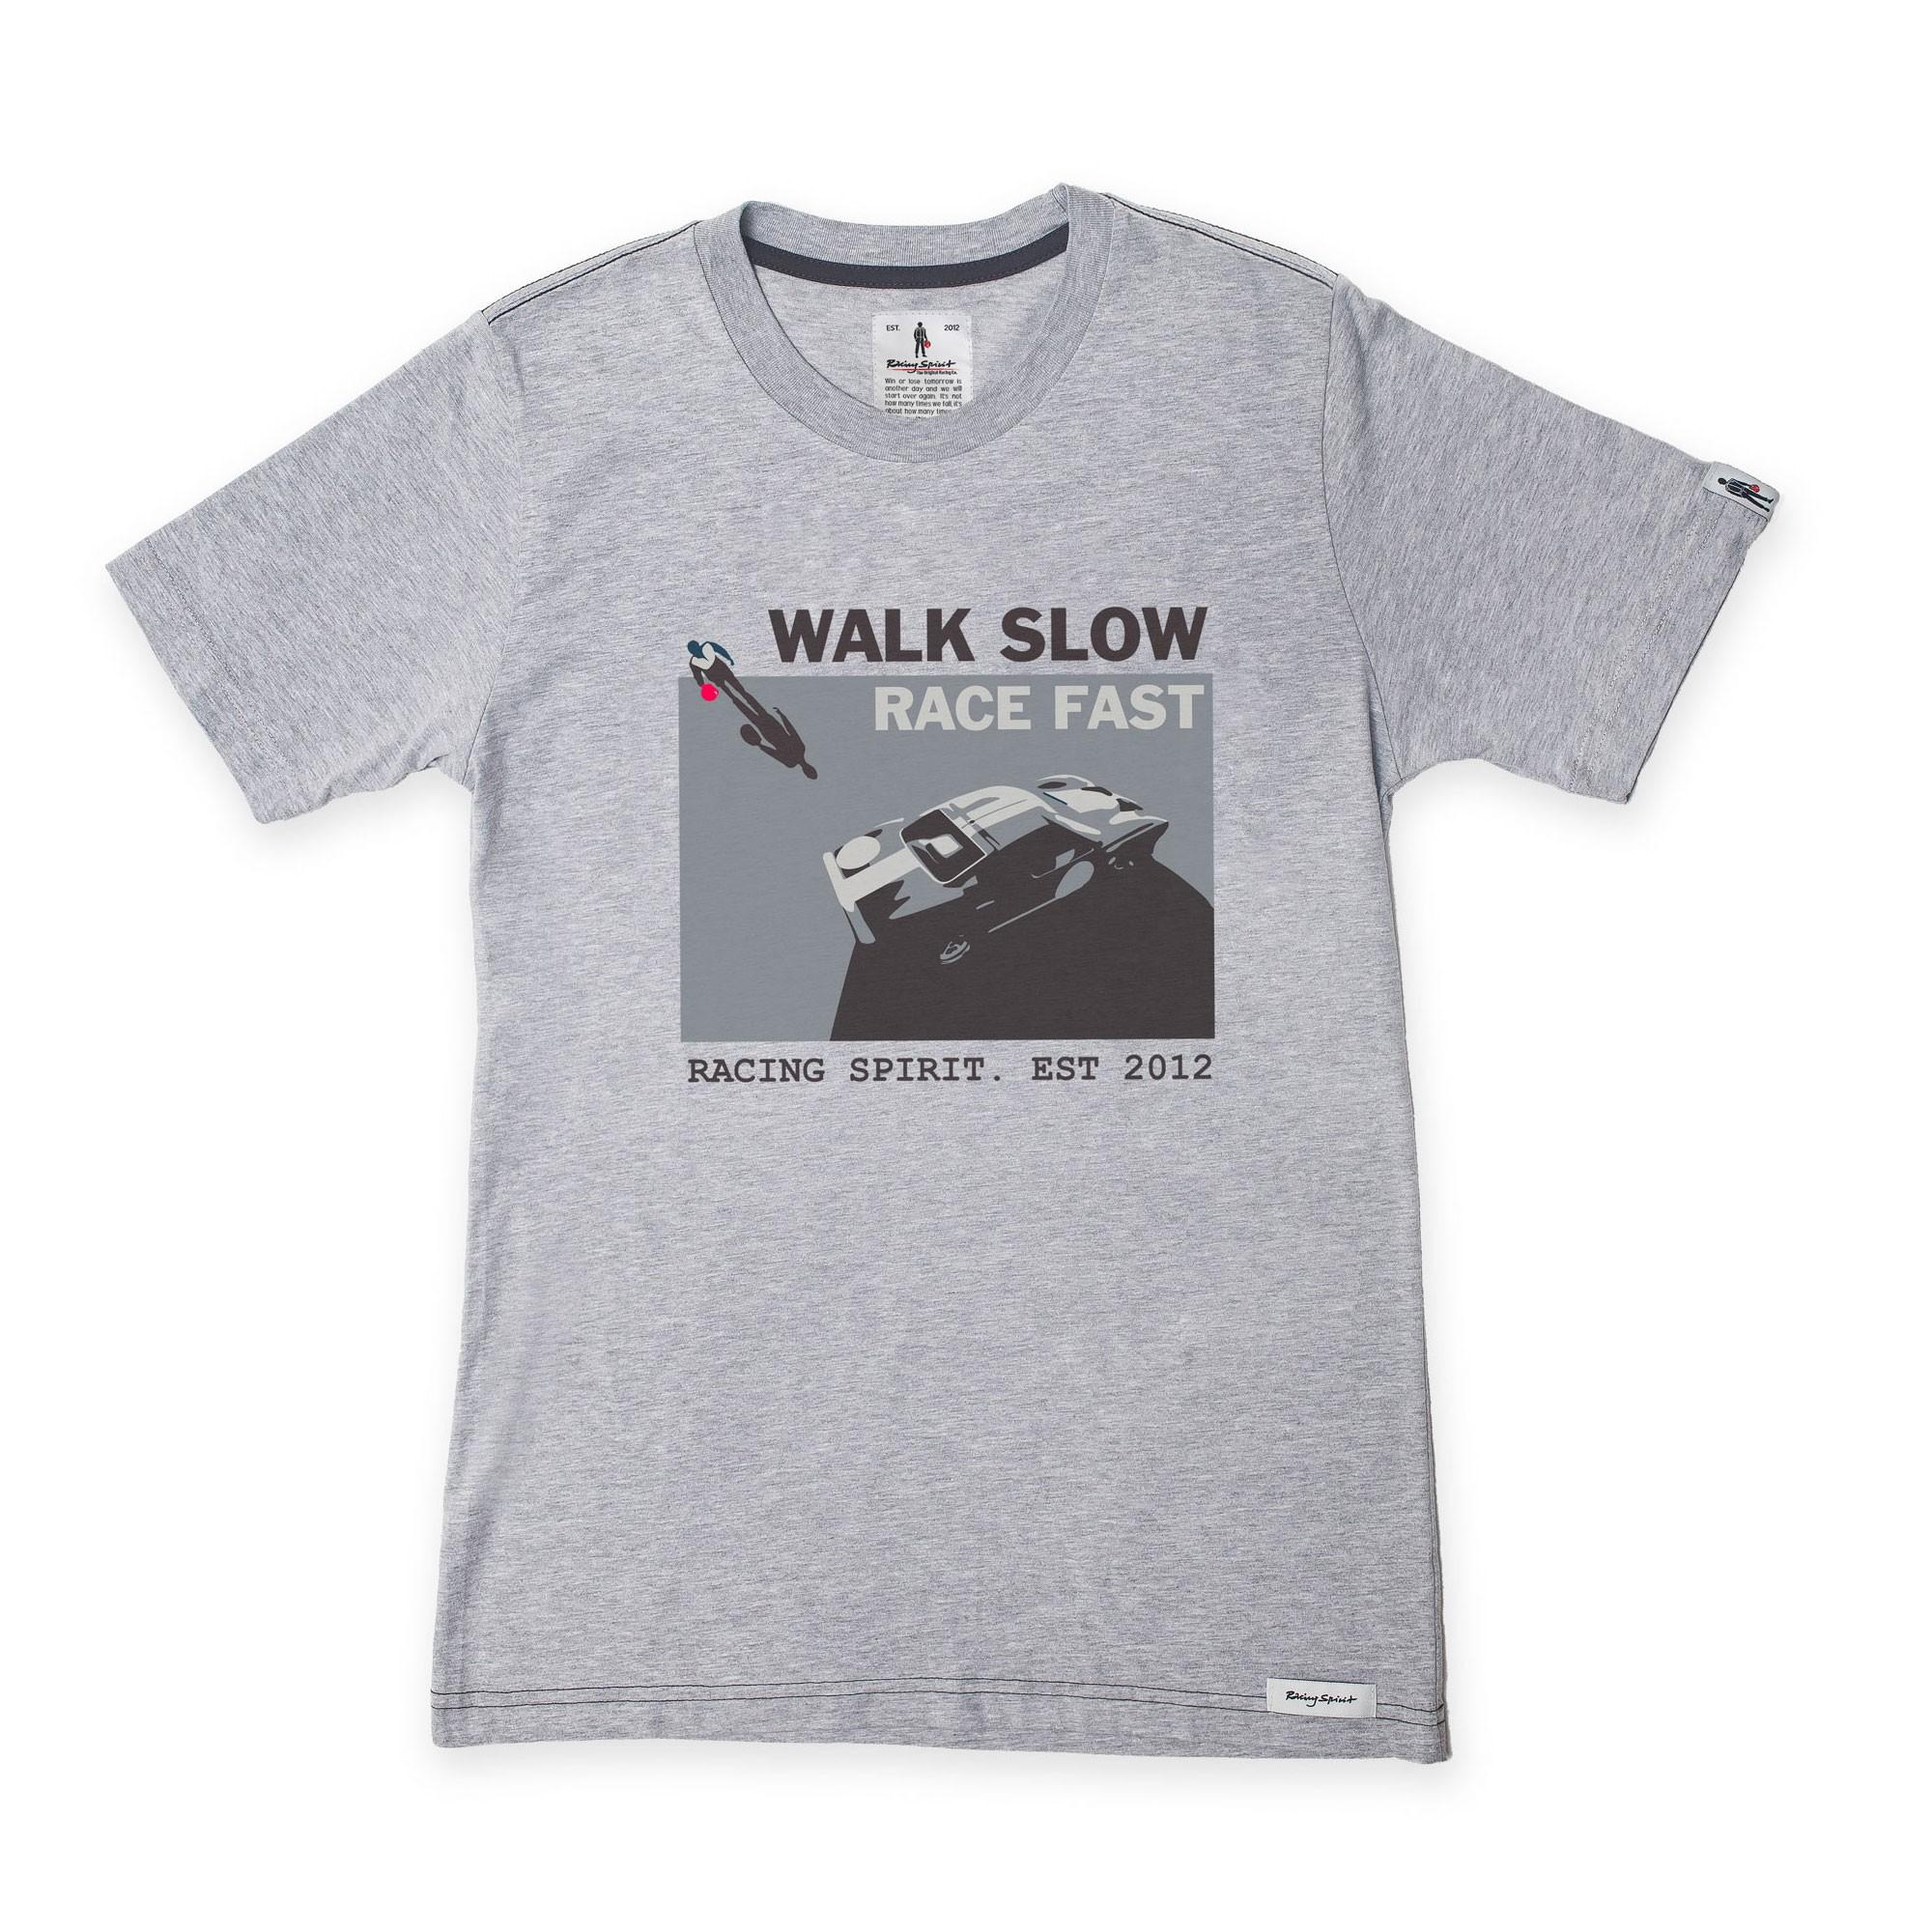 Walk Slow Tee